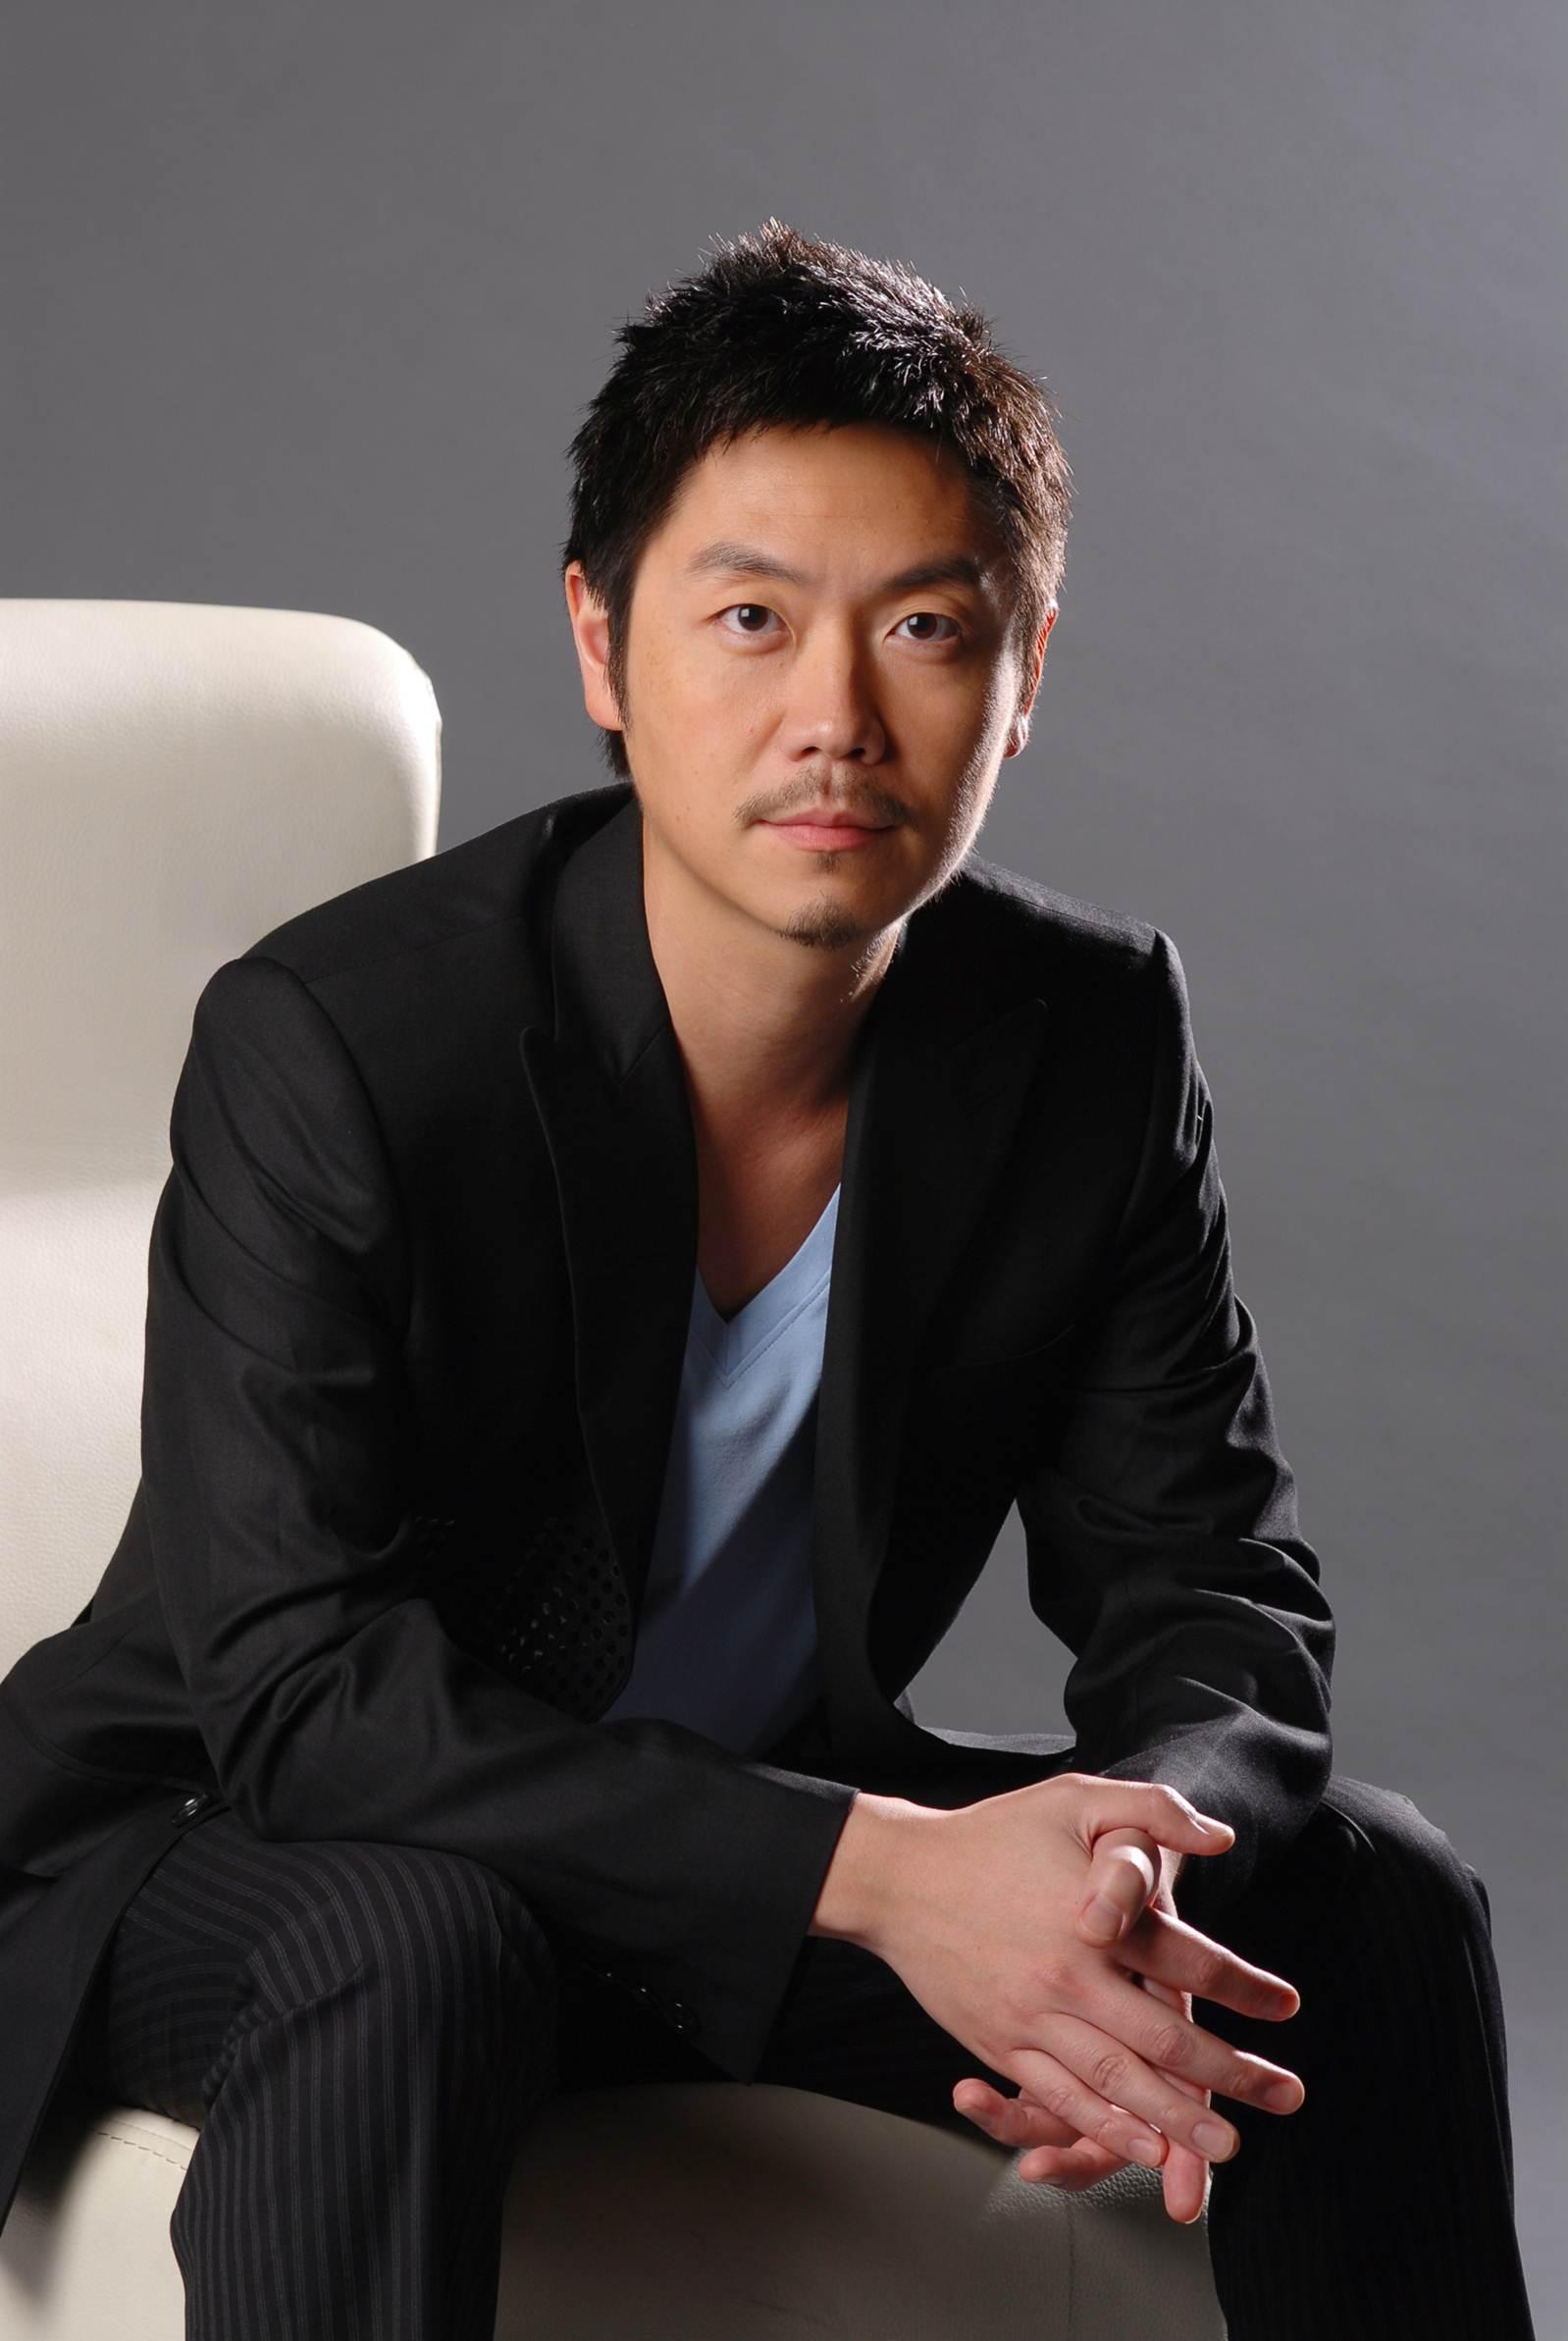 Sze-Chit Lee